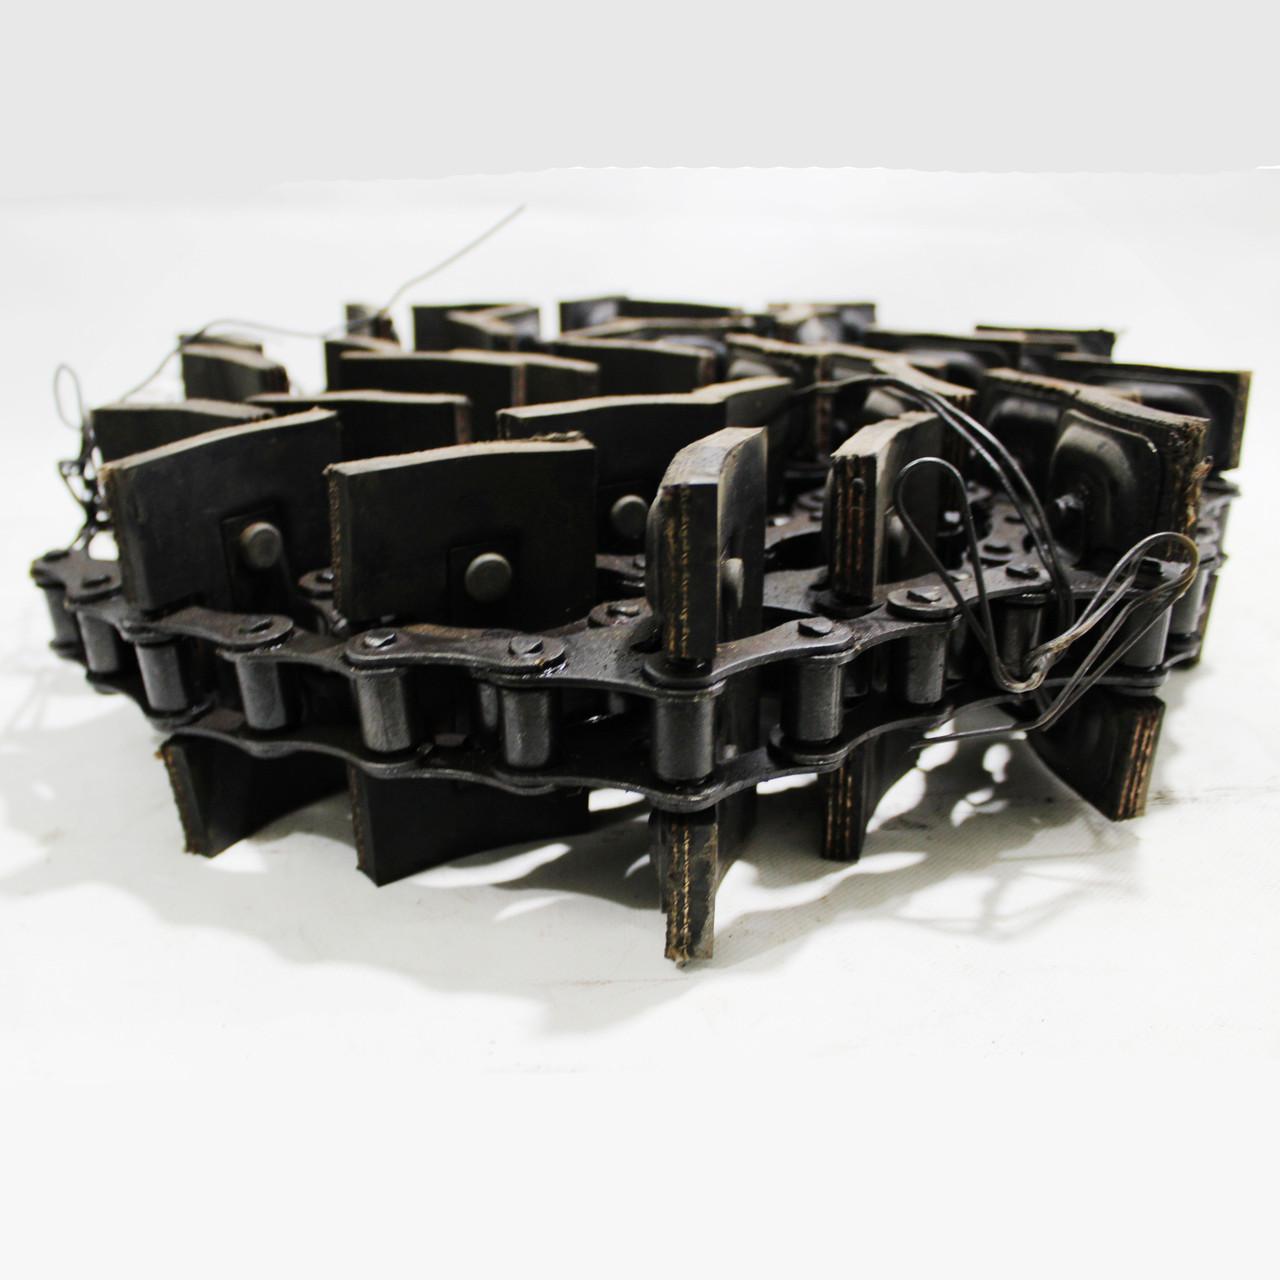 Транспортер зернового елеватора ланцюгової СК-5М НИВА 01.168.000 41 шкребок